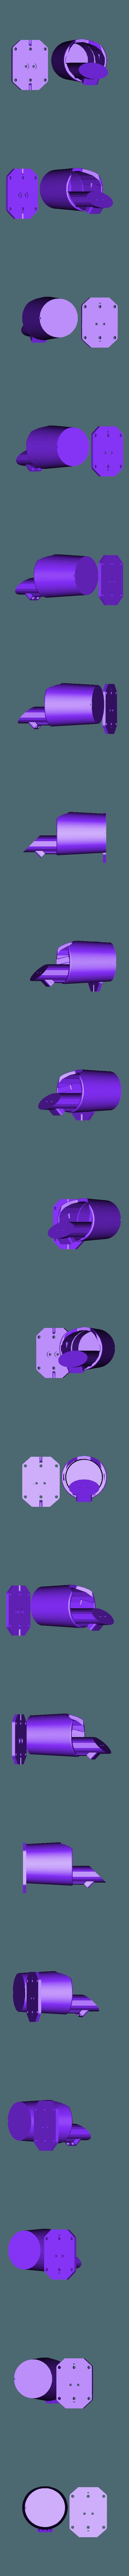 soporte posa vasos coche.stl Télécharger fichier STL gratuit soporte porta vasos para coche • Design pour impression 3D, Bccdd